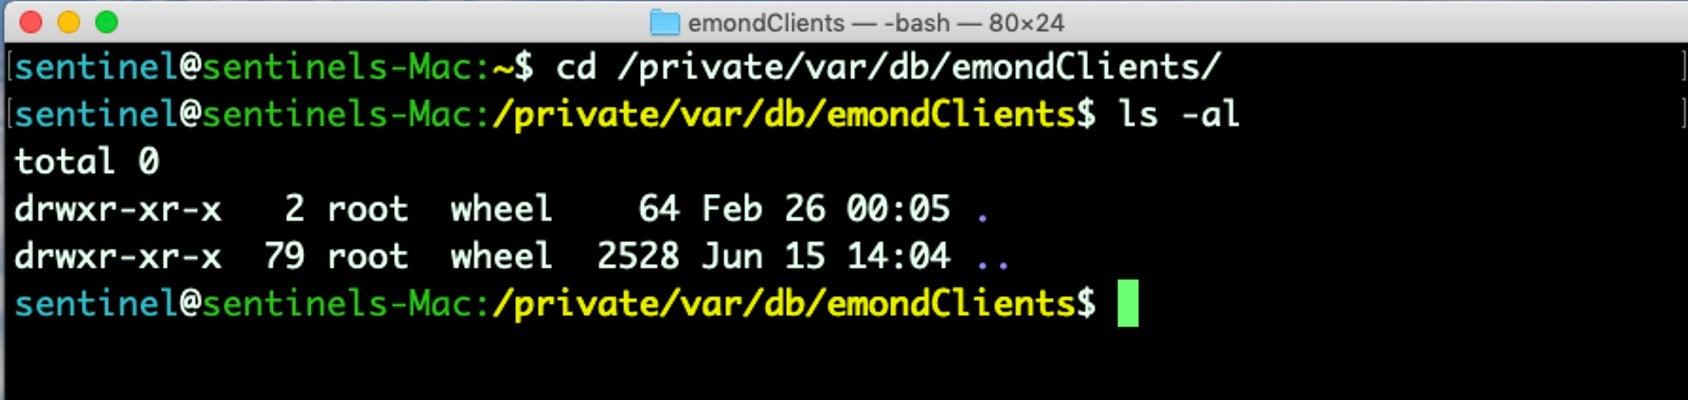 image of emond clients folder